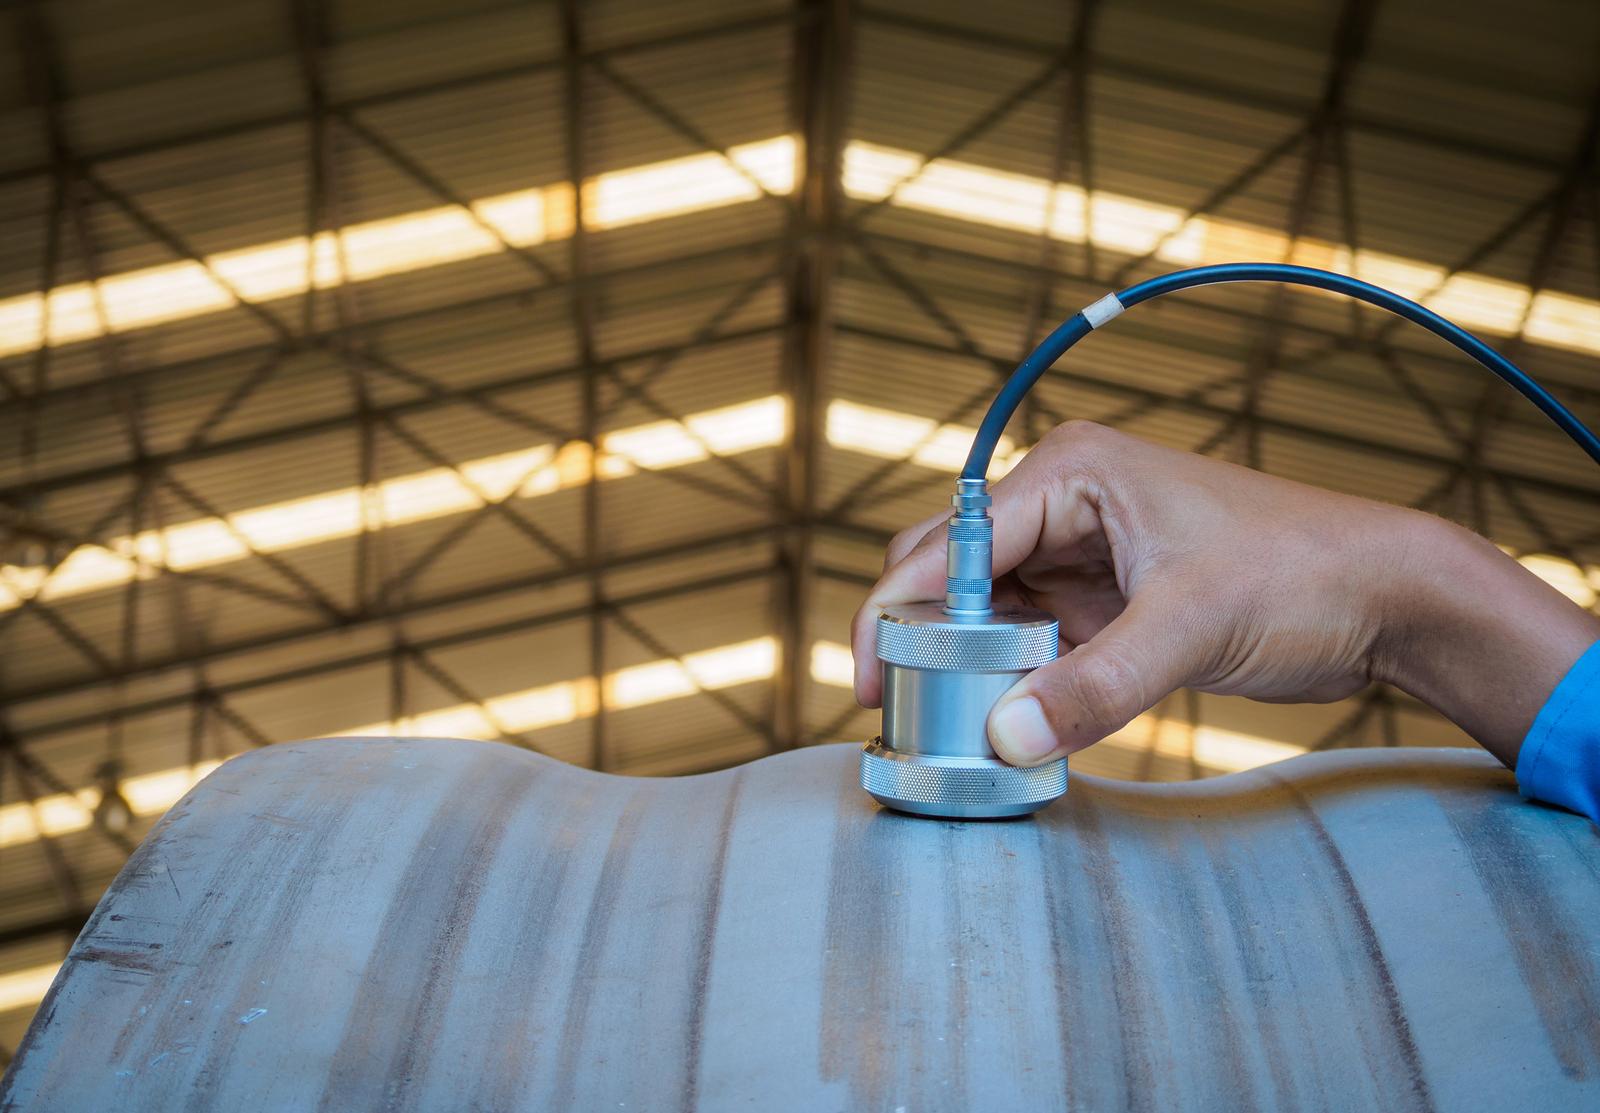 ensayos no destructivos inspector utilizando una maquina para verificar los defectos en acero